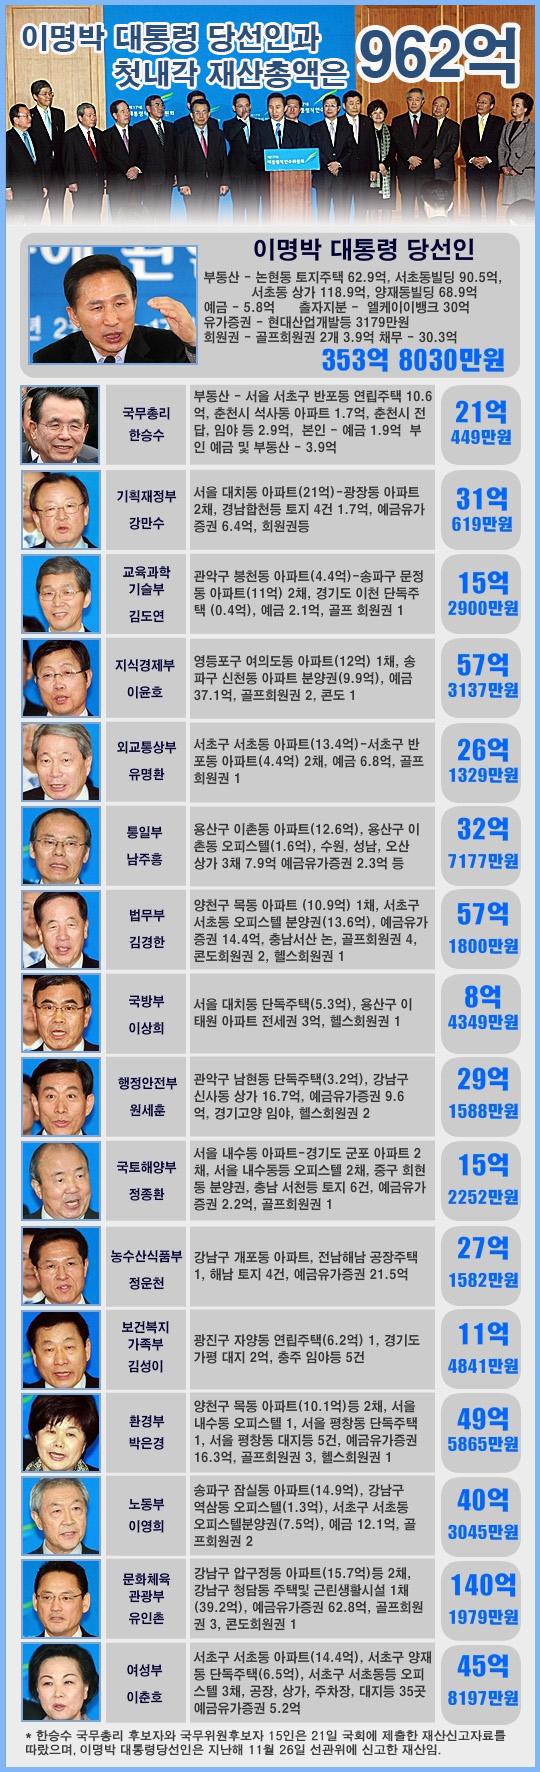 이명박 대통령 당선인과 첫 내각 재산총액 그래픽